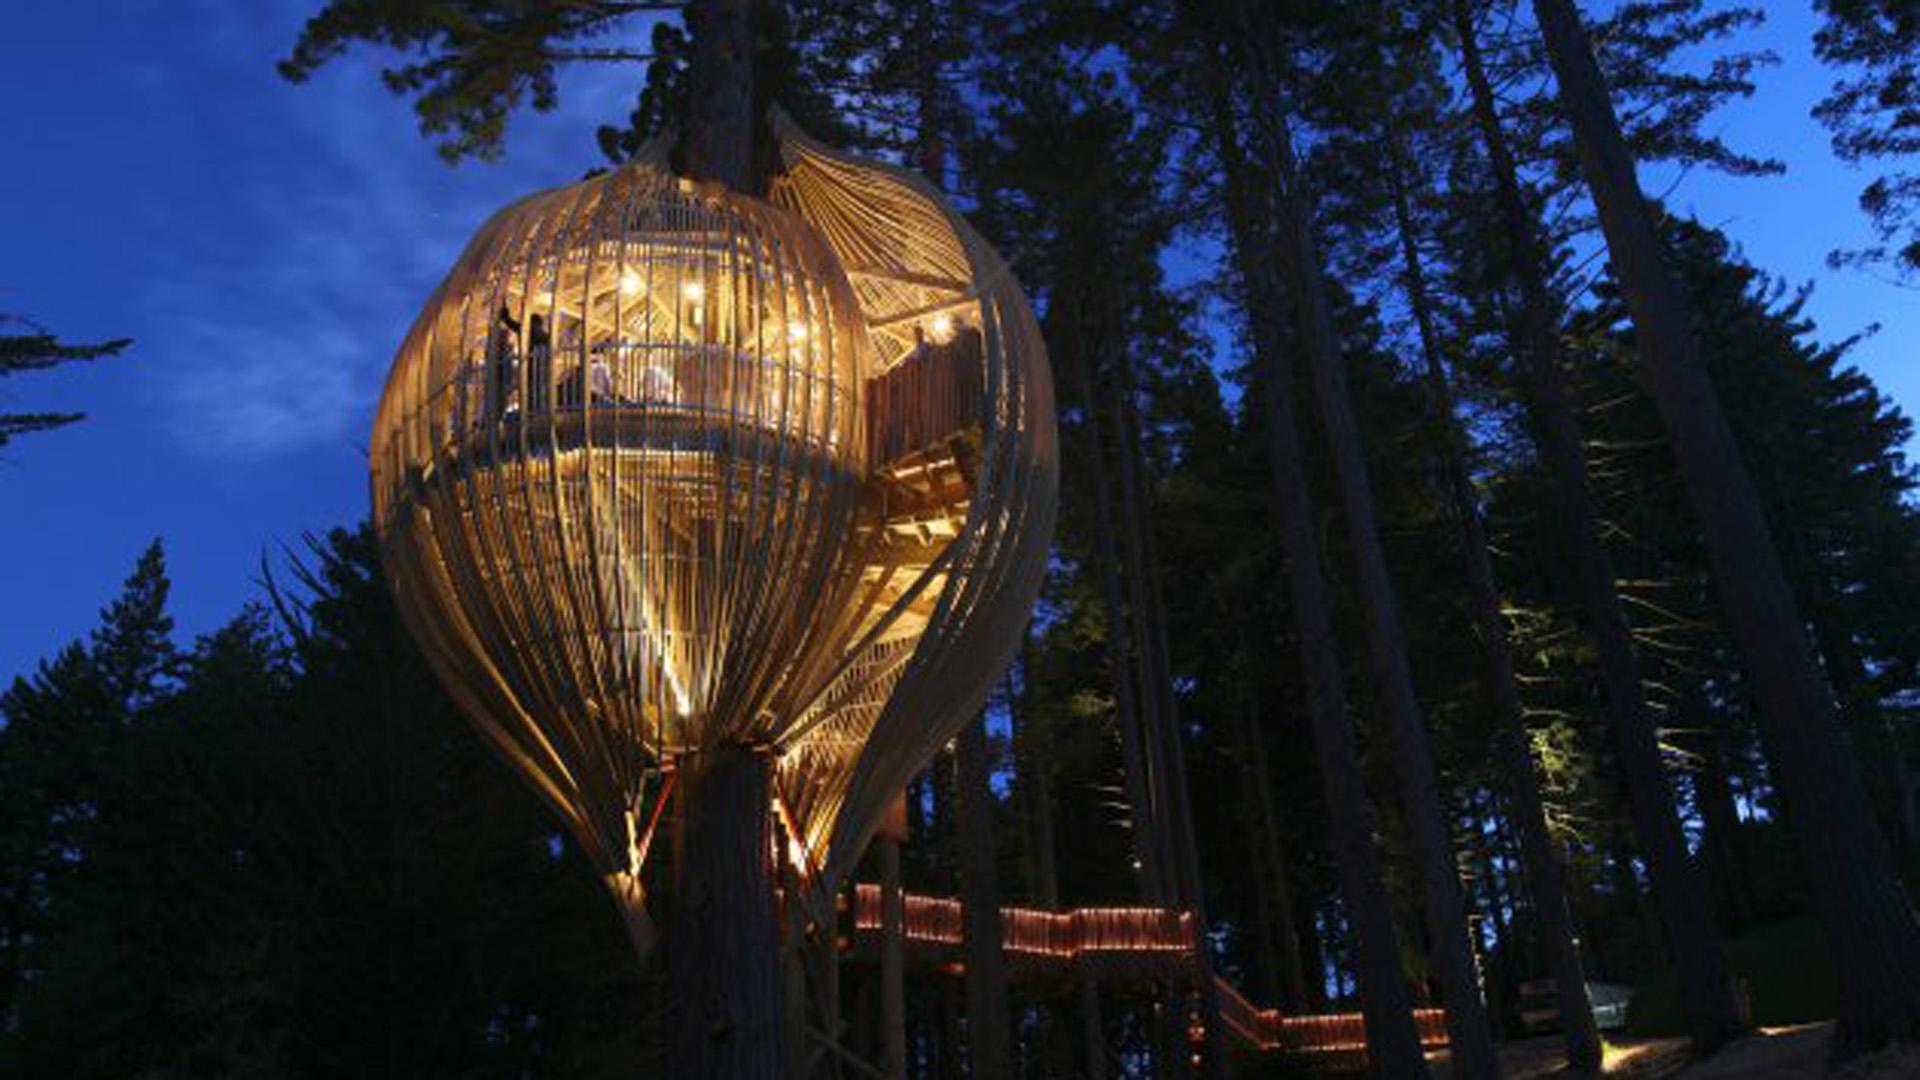 Ubicada en un bosque y sostenida a 30 metros del suelo, solo tiene lugar para 18 invitados ( Página oficial)